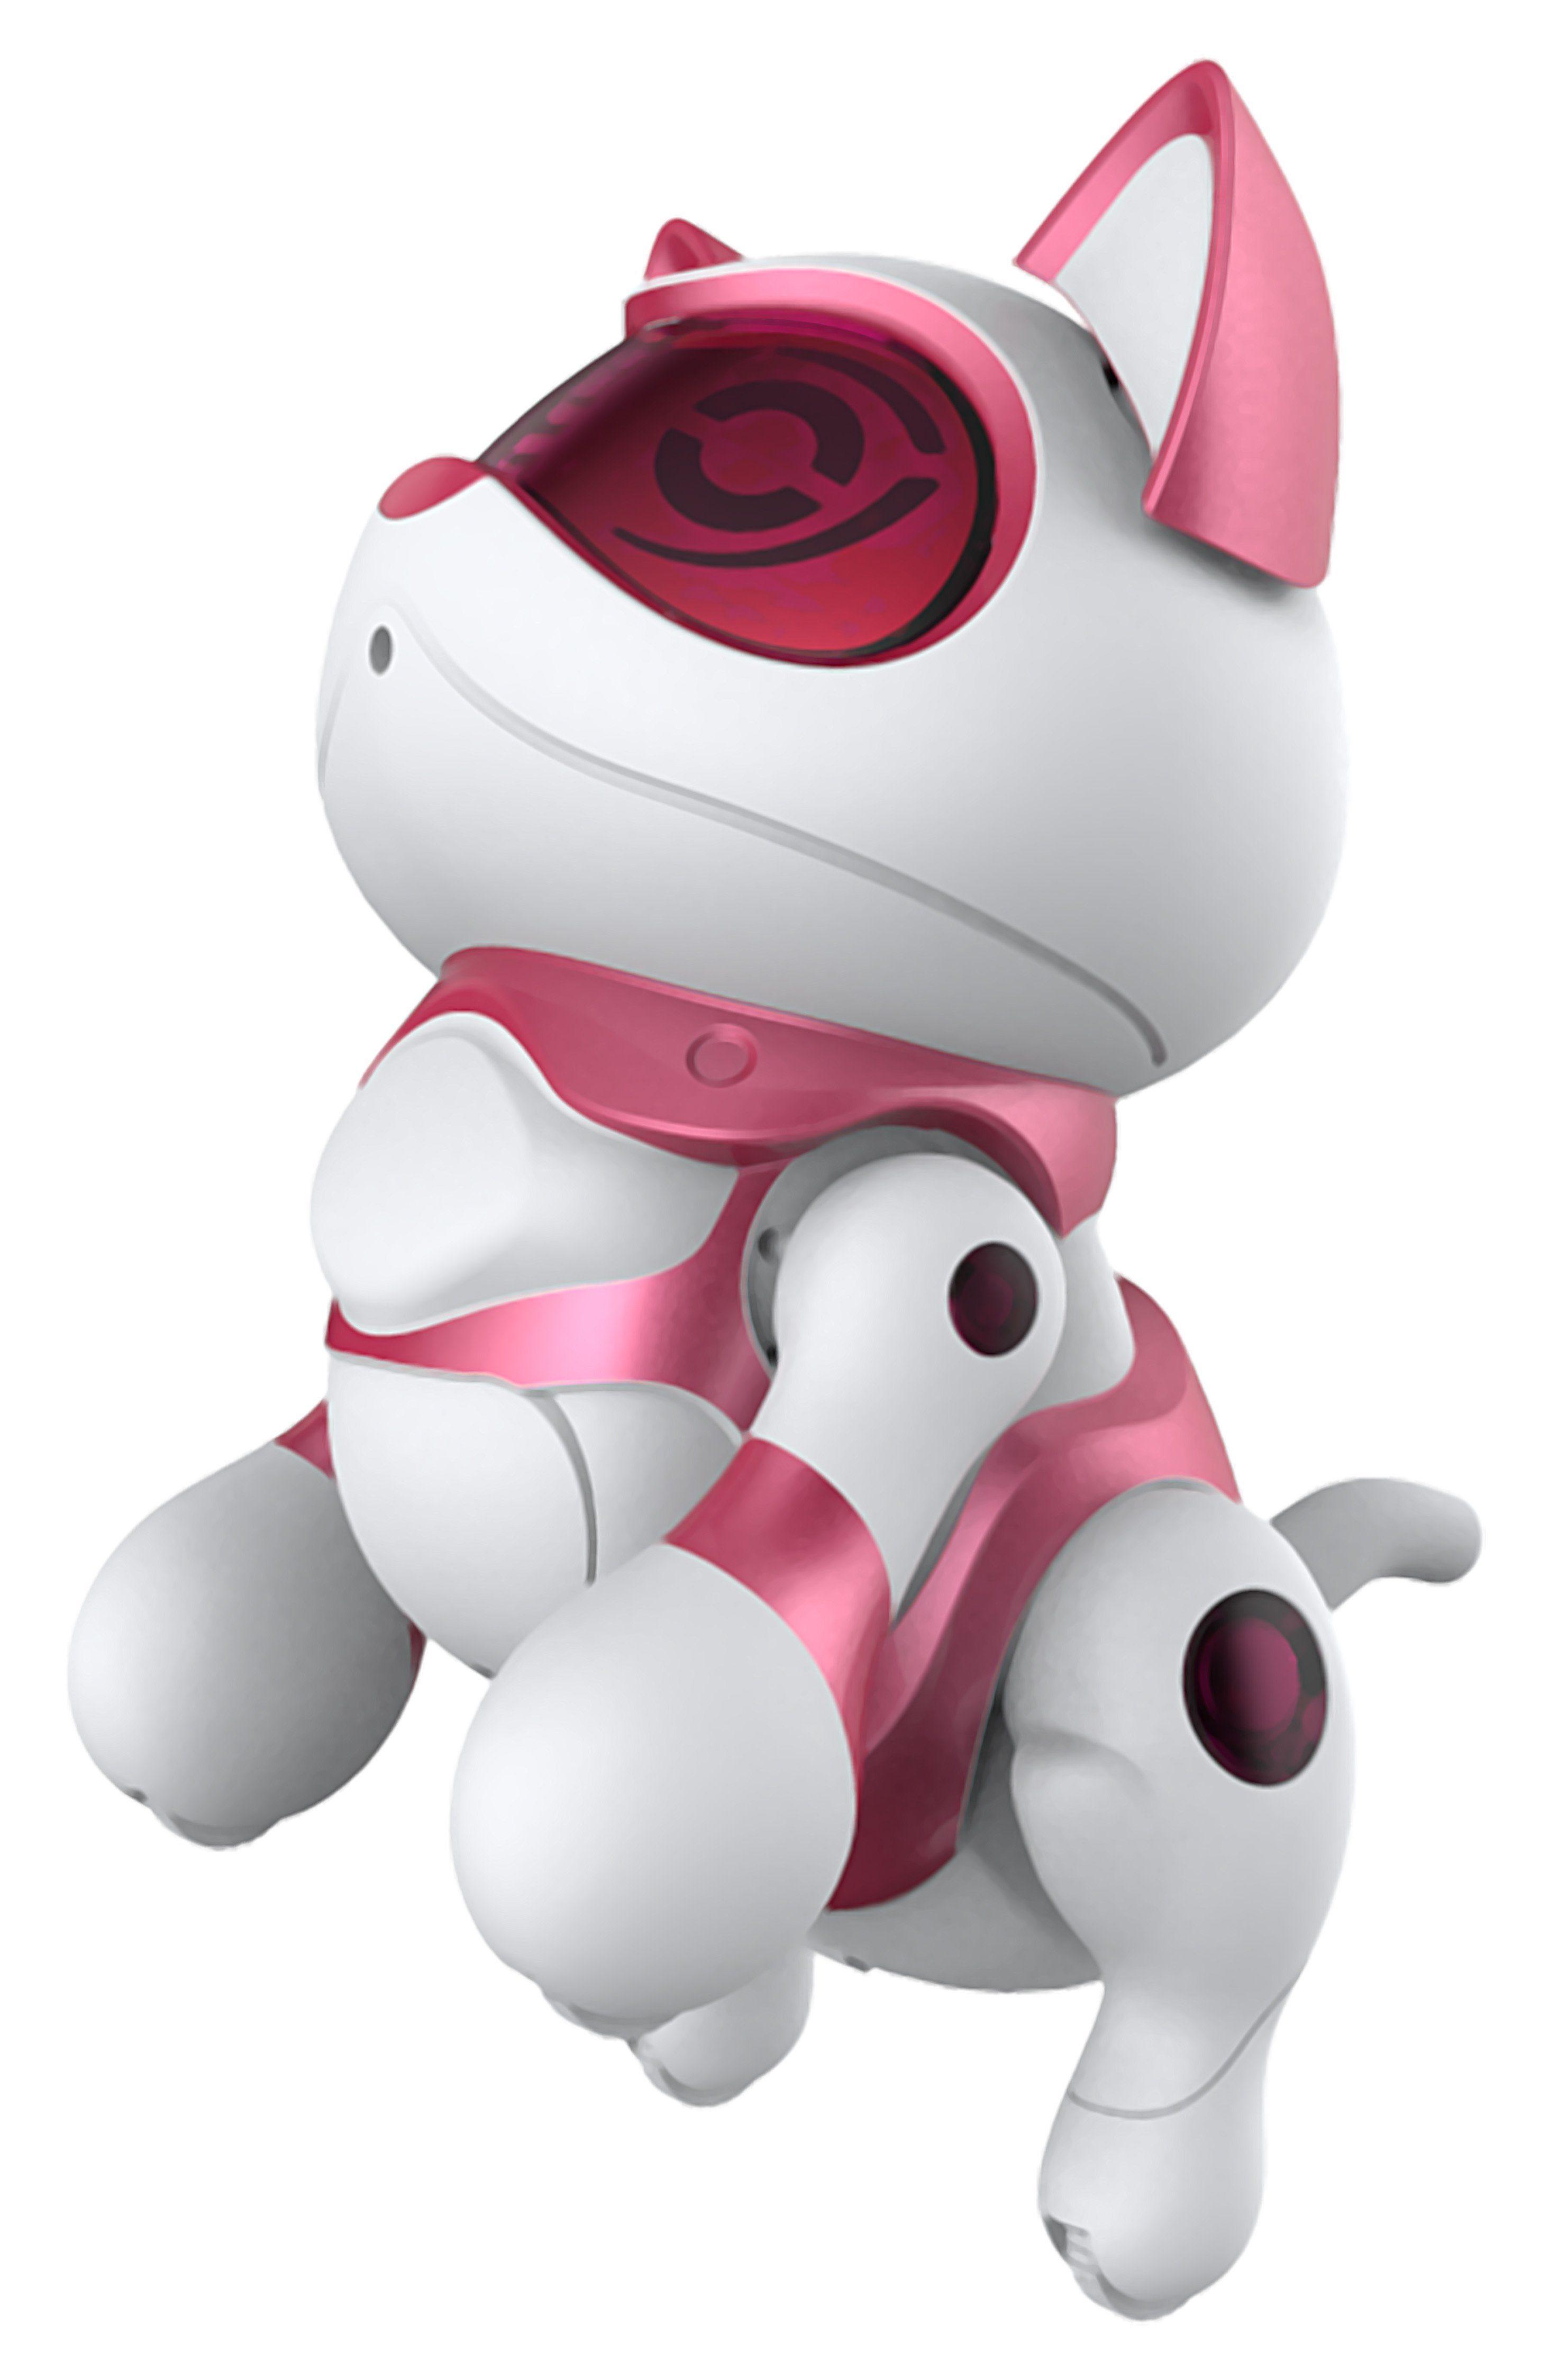 Teksta Interagierende Roboterkatze mit Sprachbefehlen »Newborn Katze V2«